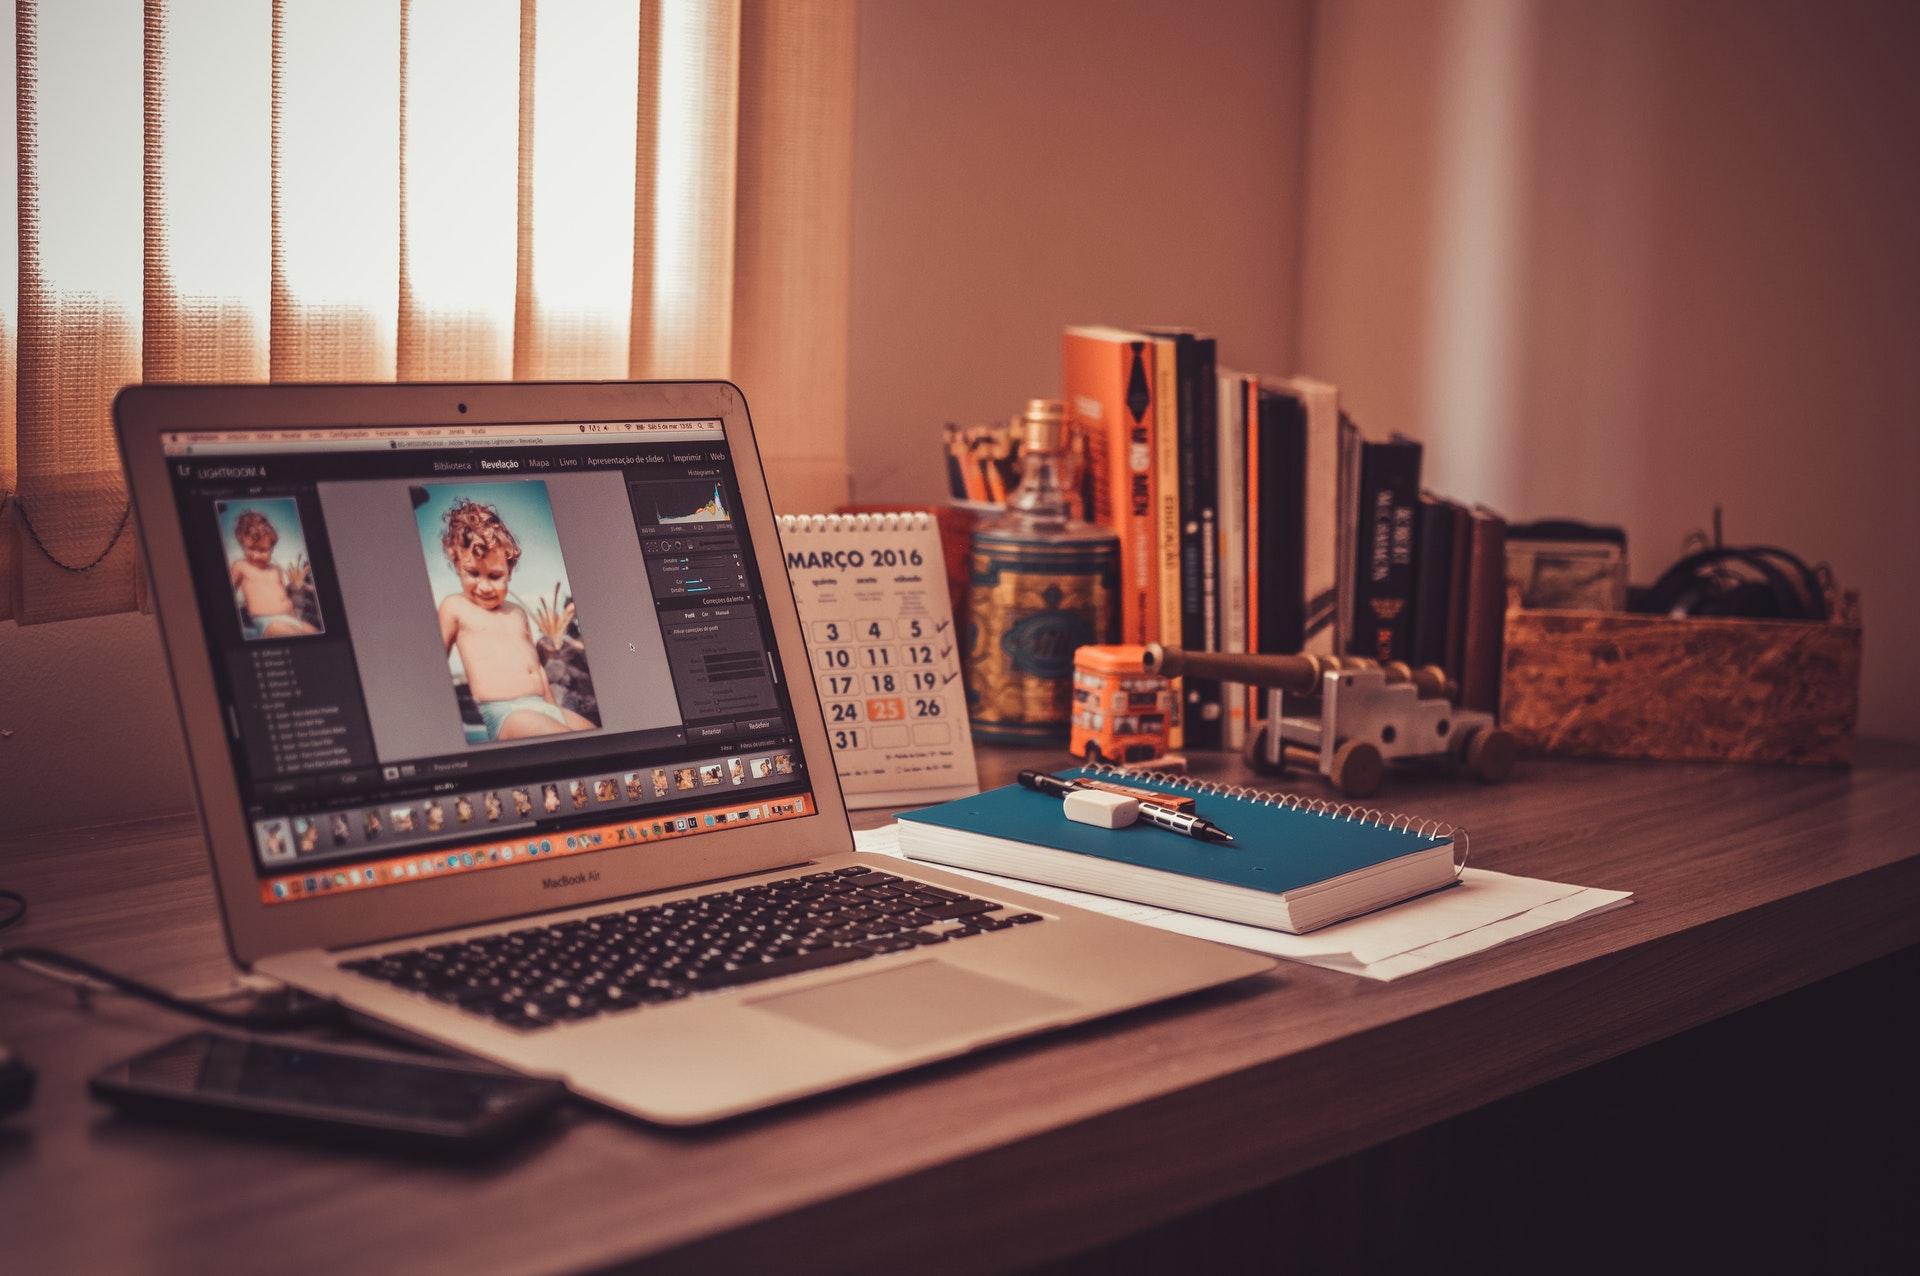 photoshop, arbejde, øvelse, online kurser, kurser, online, kompetence